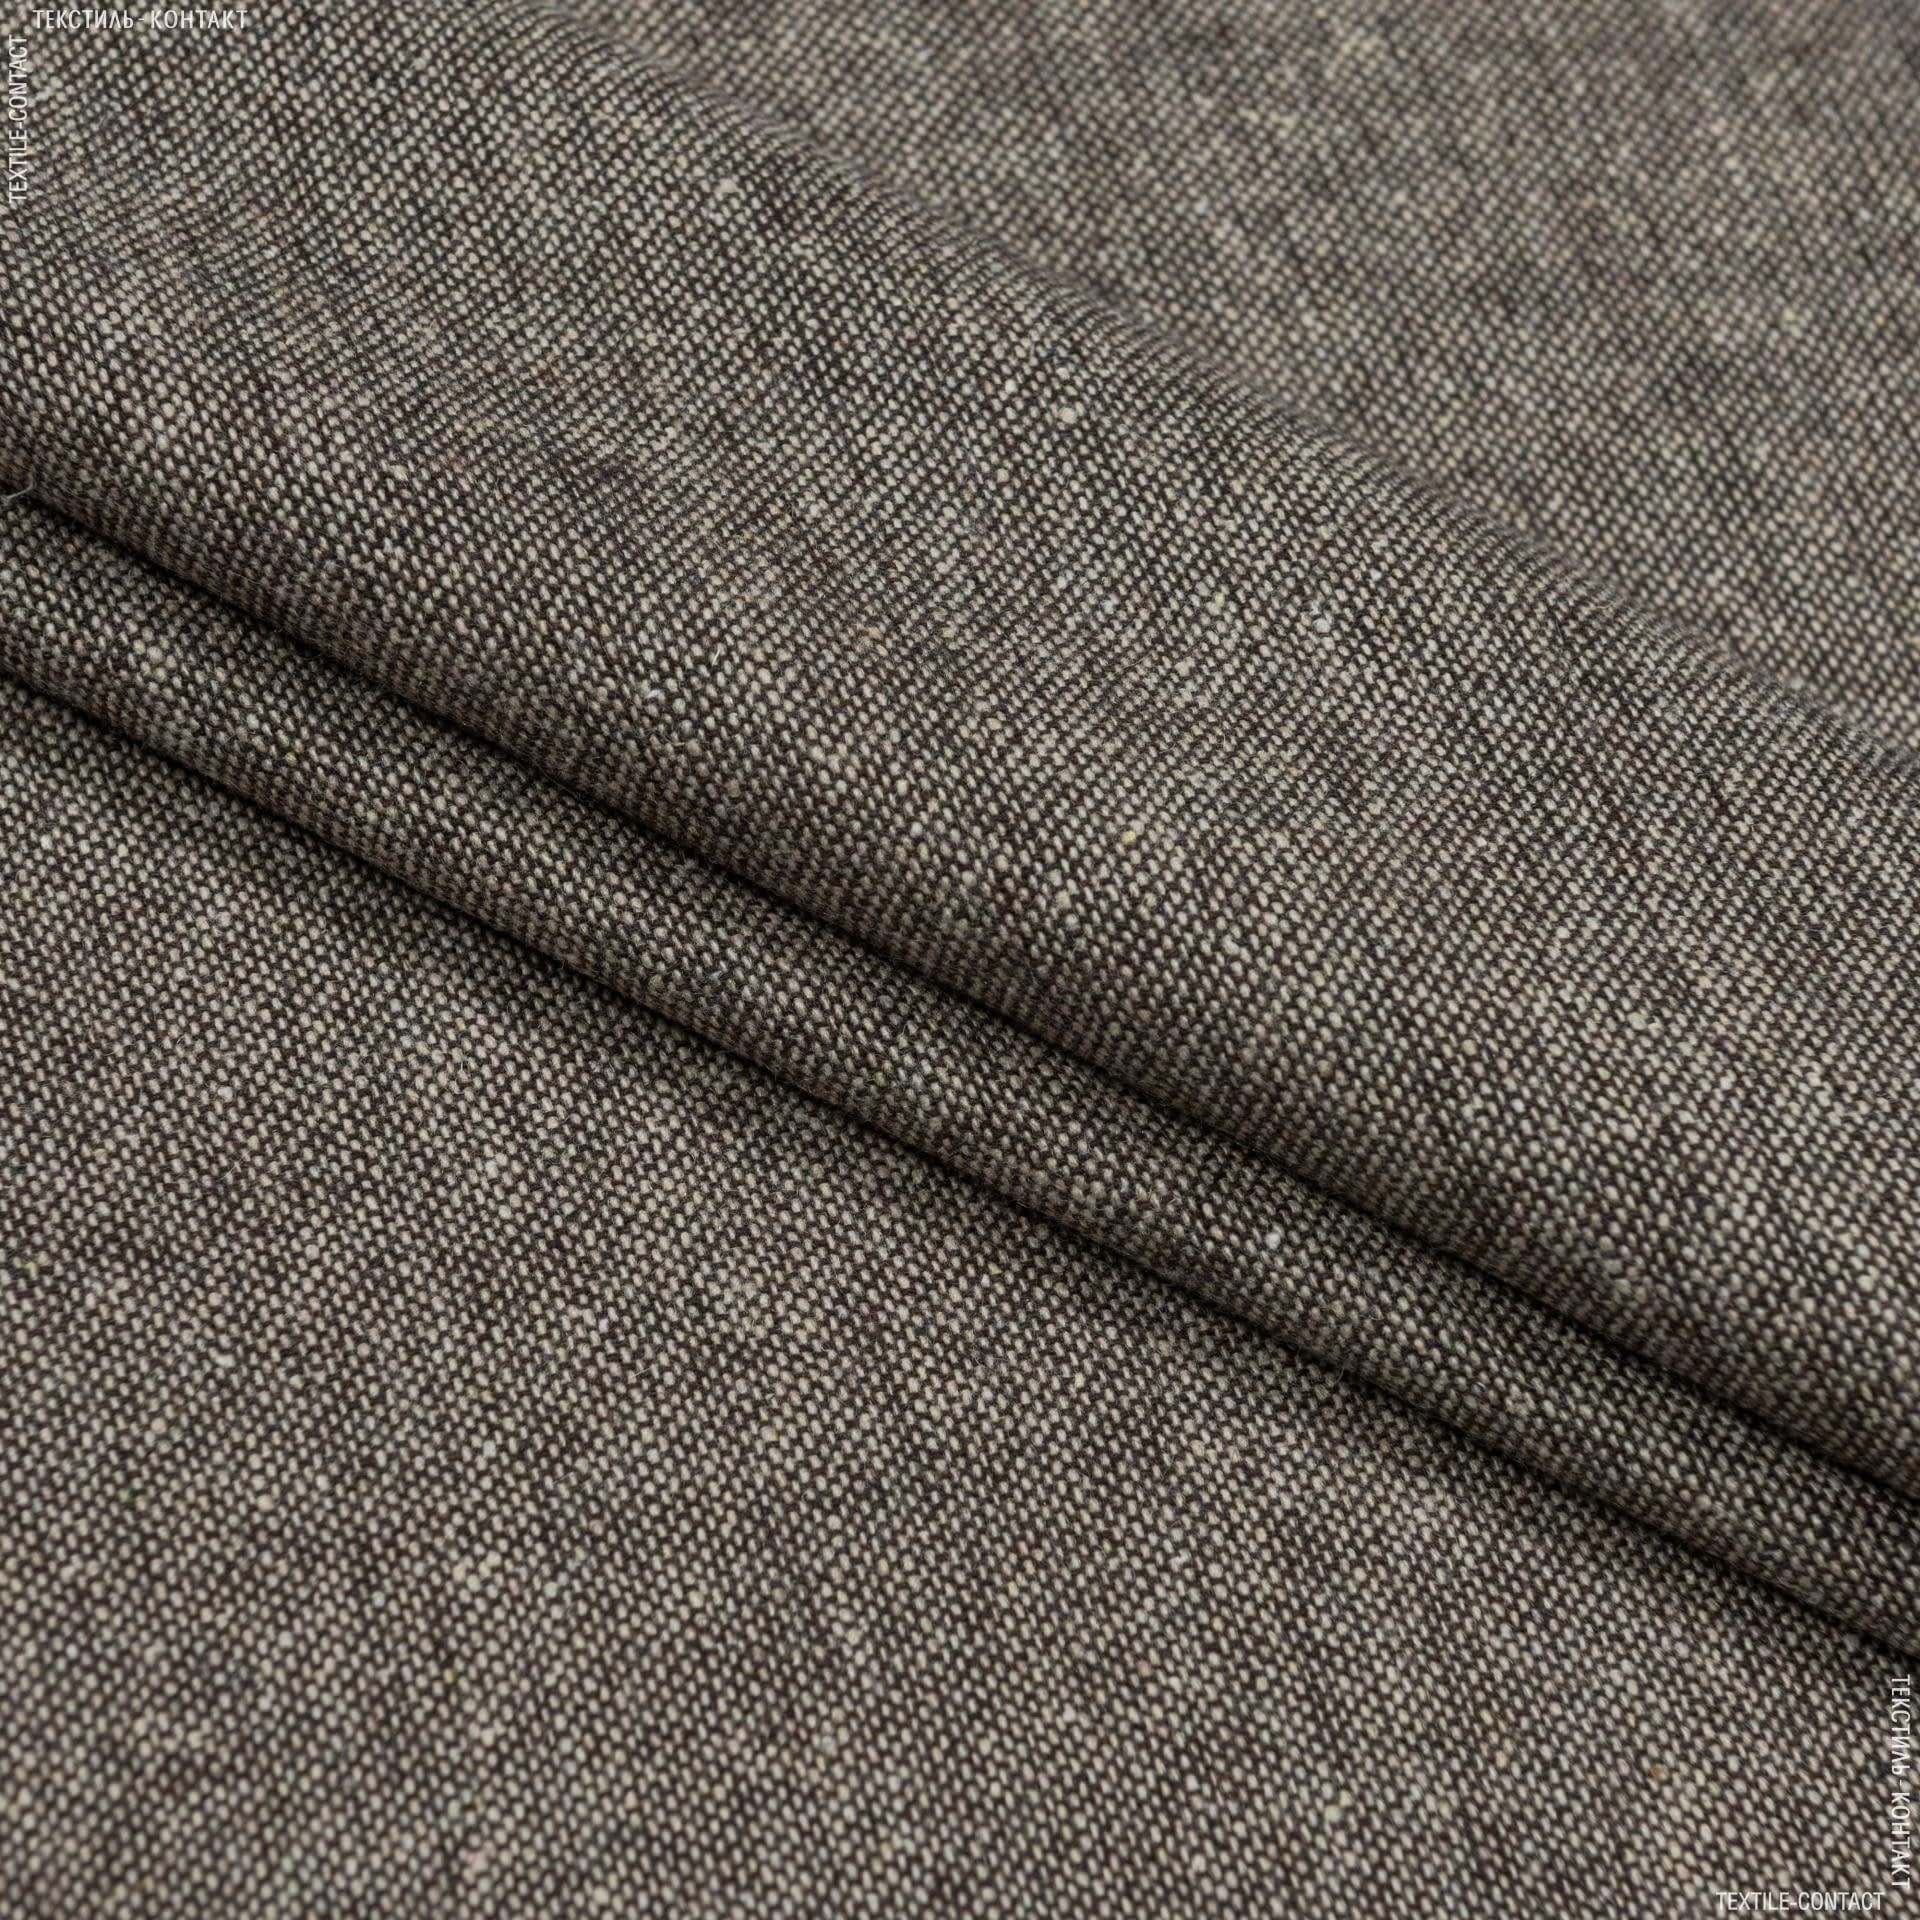 Тканини для штанів - Костюмний твід коричневий